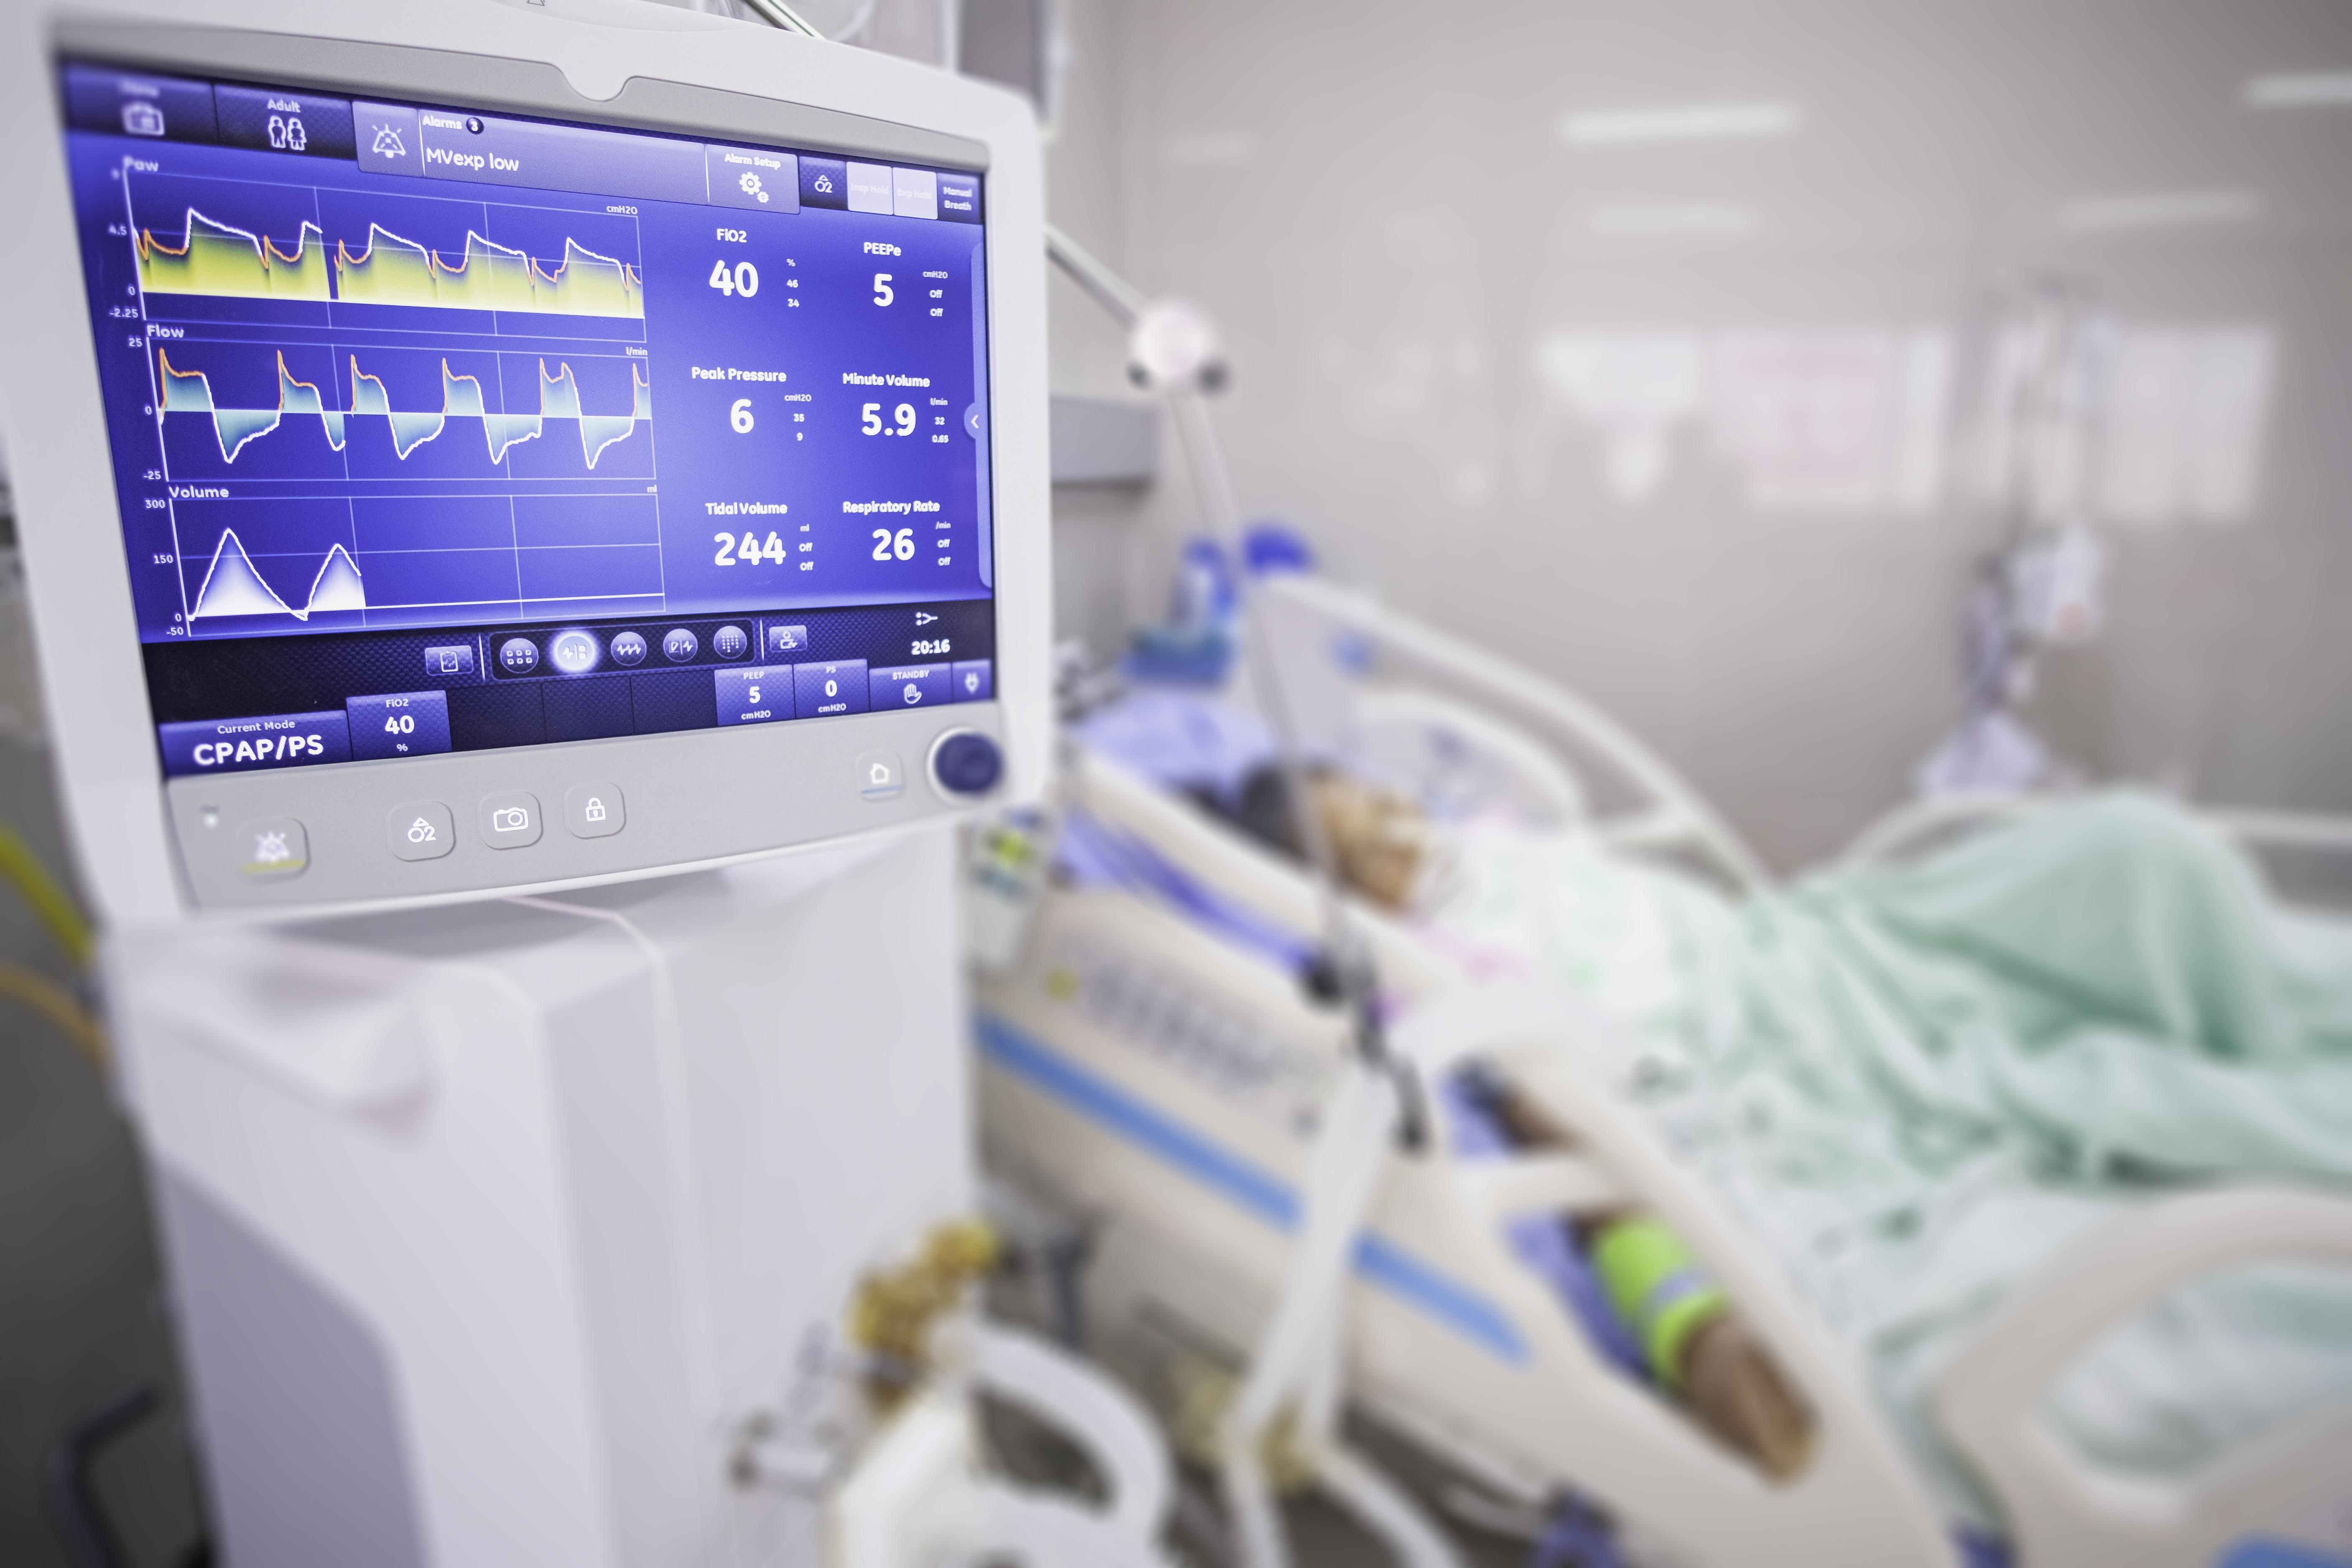 Le cerveau pourrait être une nouvelle cible thérapeutique intéressante pour améliorer la respiration après une lésion pulmonaire aiguë.